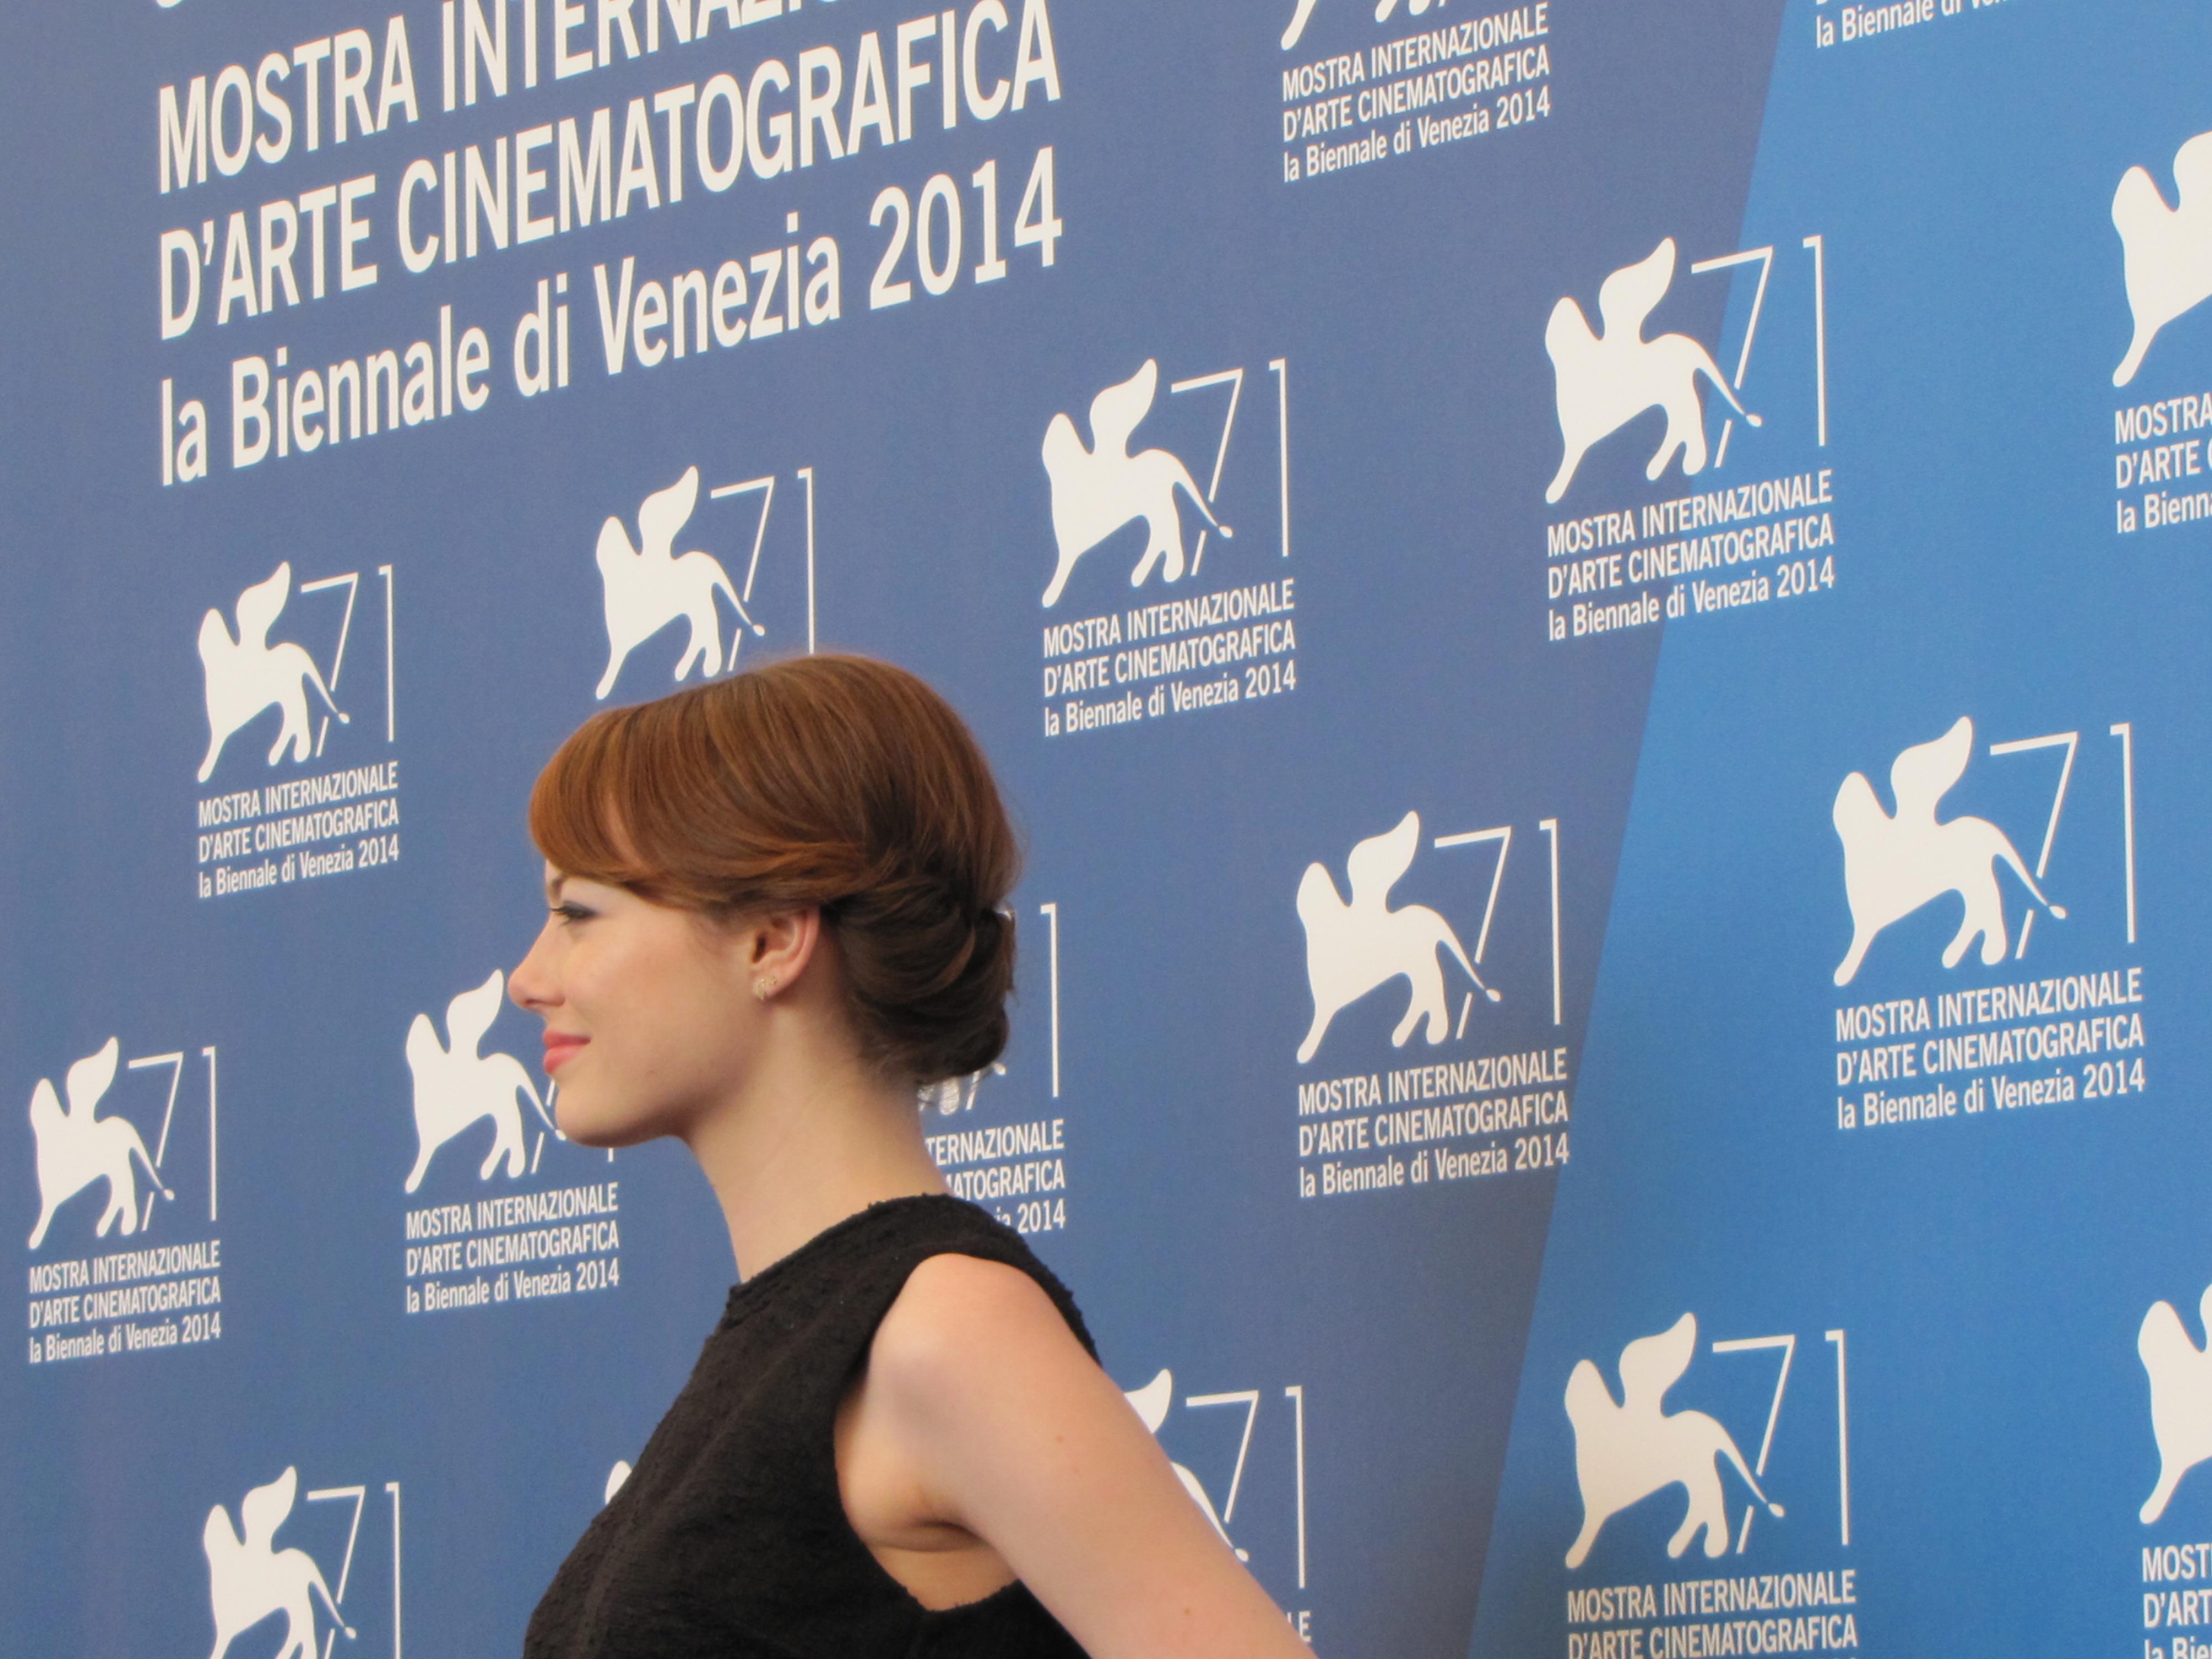 Emma Stone a Venezia 2014 per Birdman di Inarritu